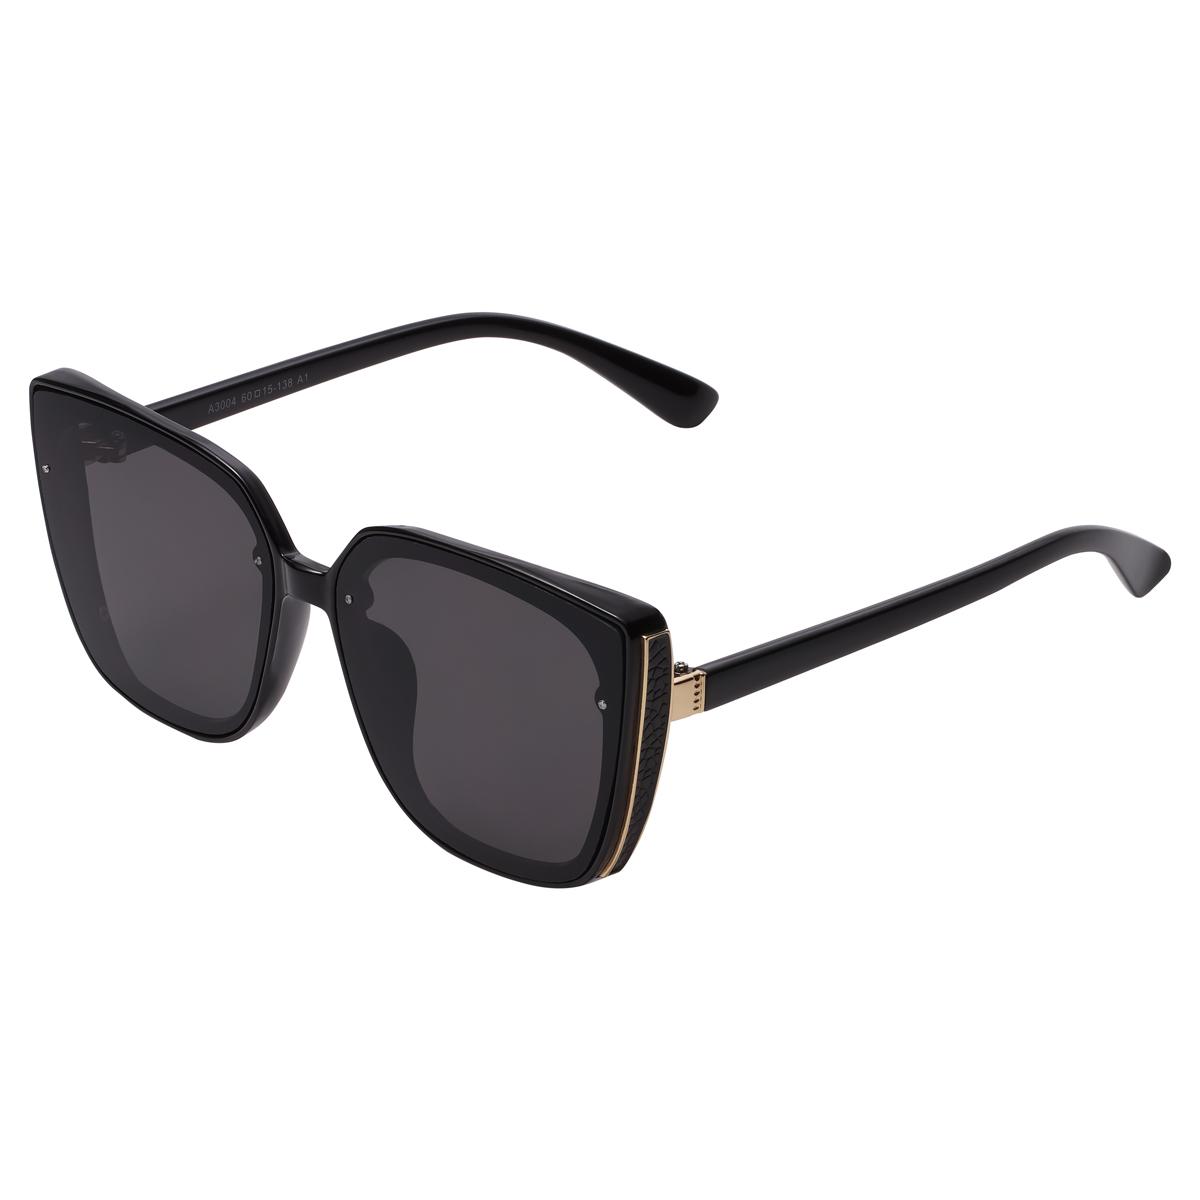 Sonnenbrille essential